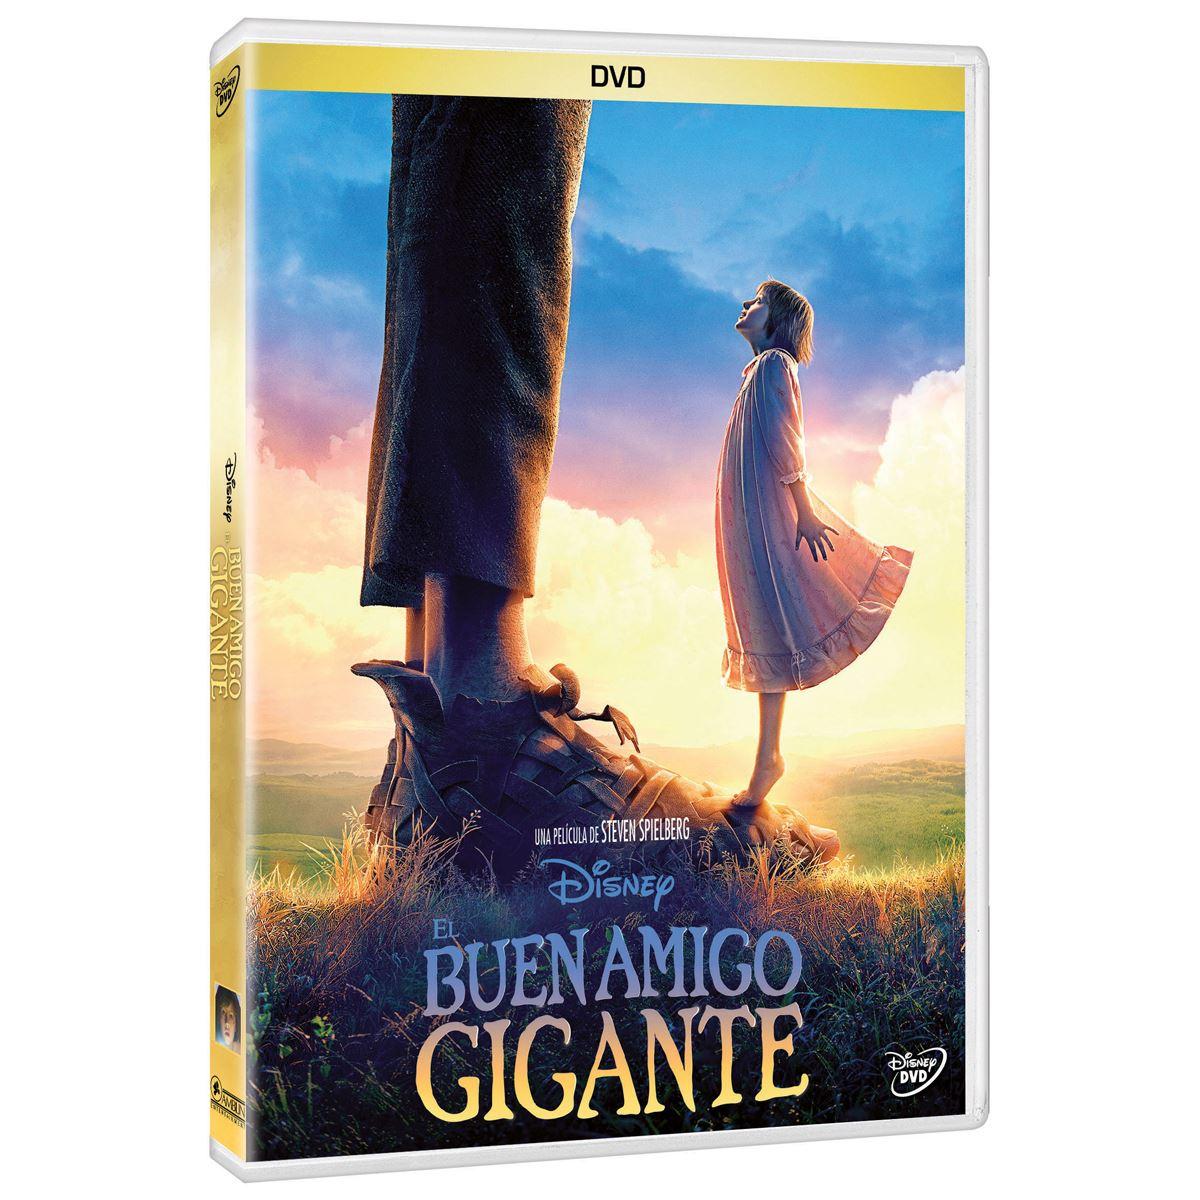 DVD El Buen Amigo Gigante